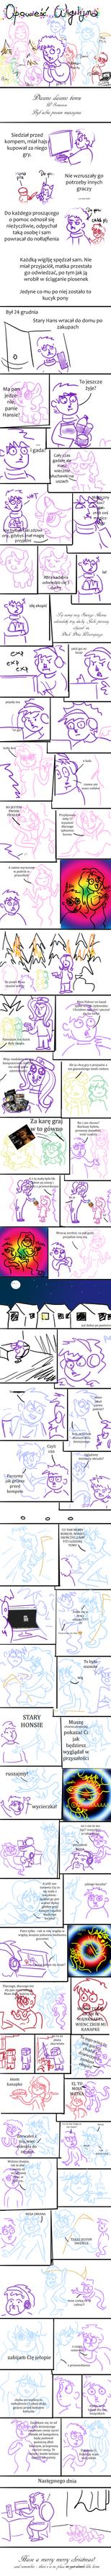 Magiczny Komiks-Opowiesc Wigilijna by kurwakolejnekonto